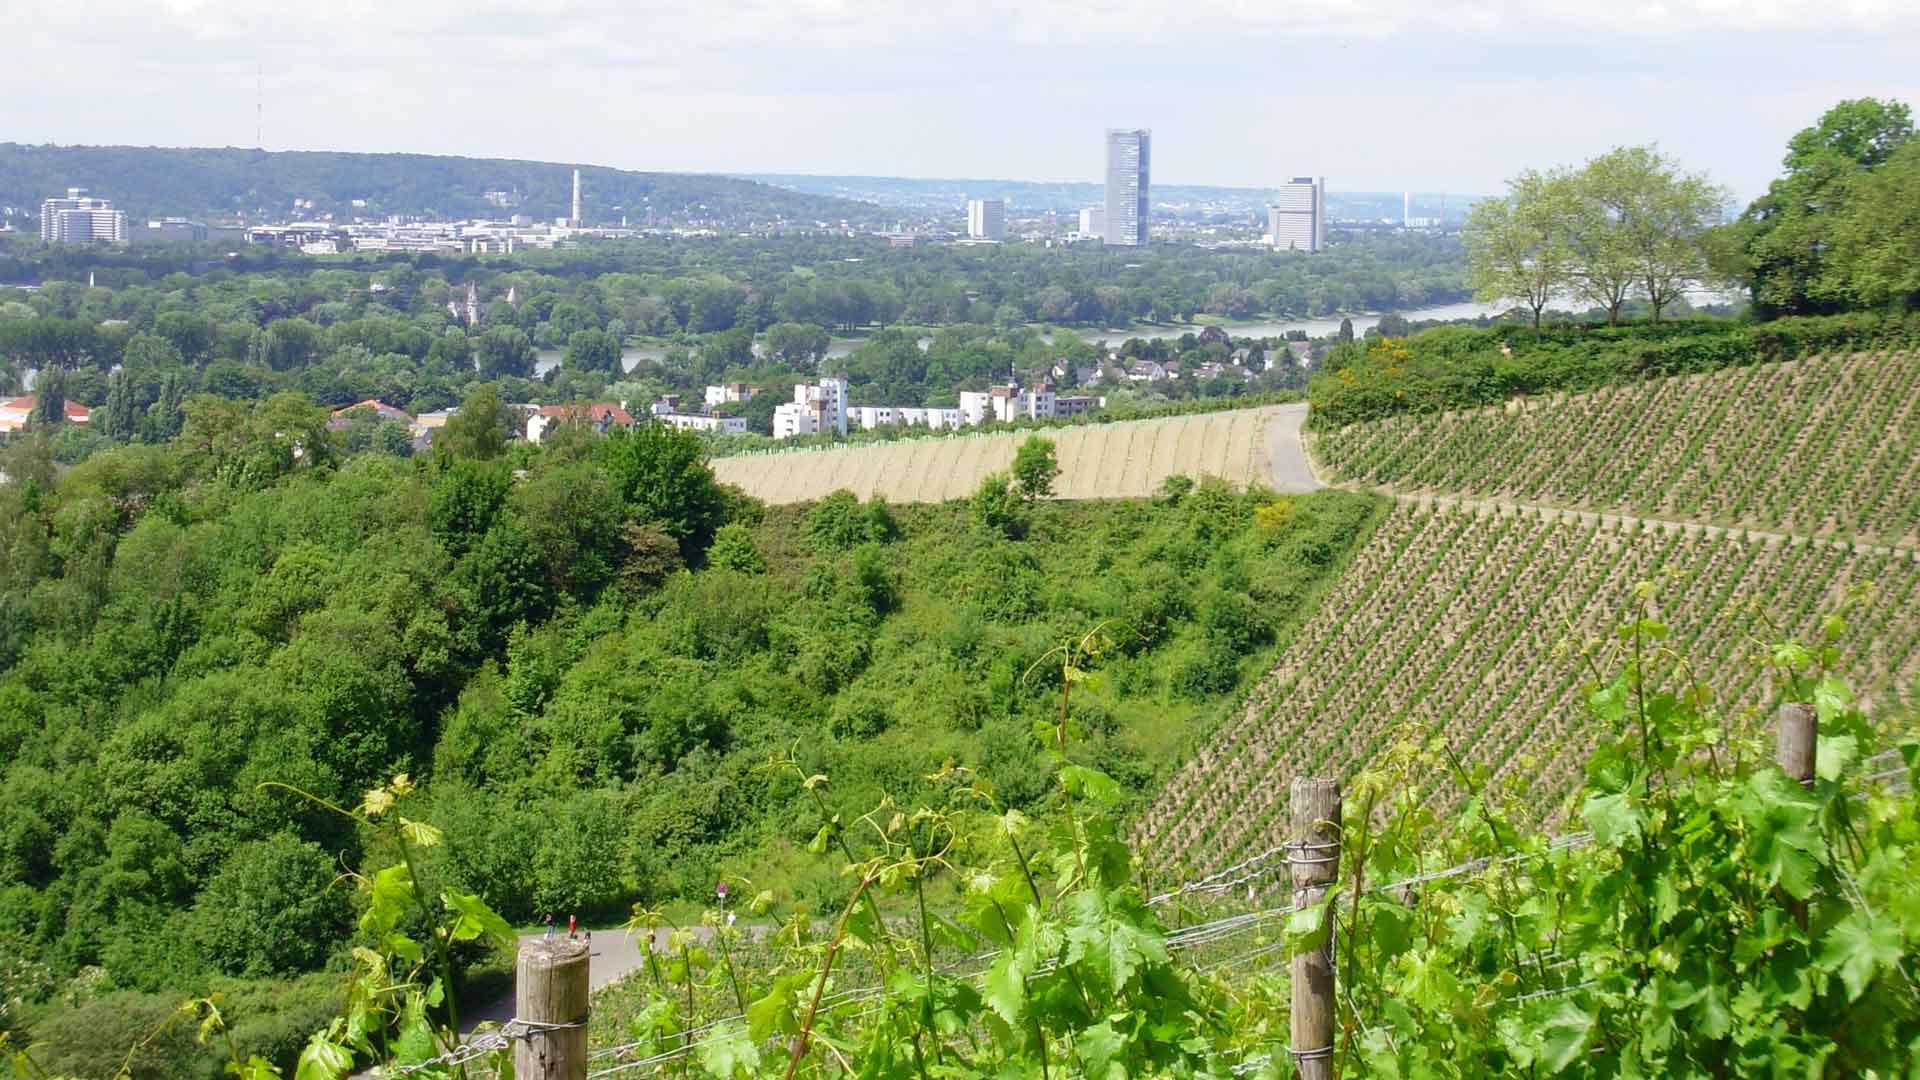 Bonn_Wijnbergen_F-14516774_C_marvellousworld